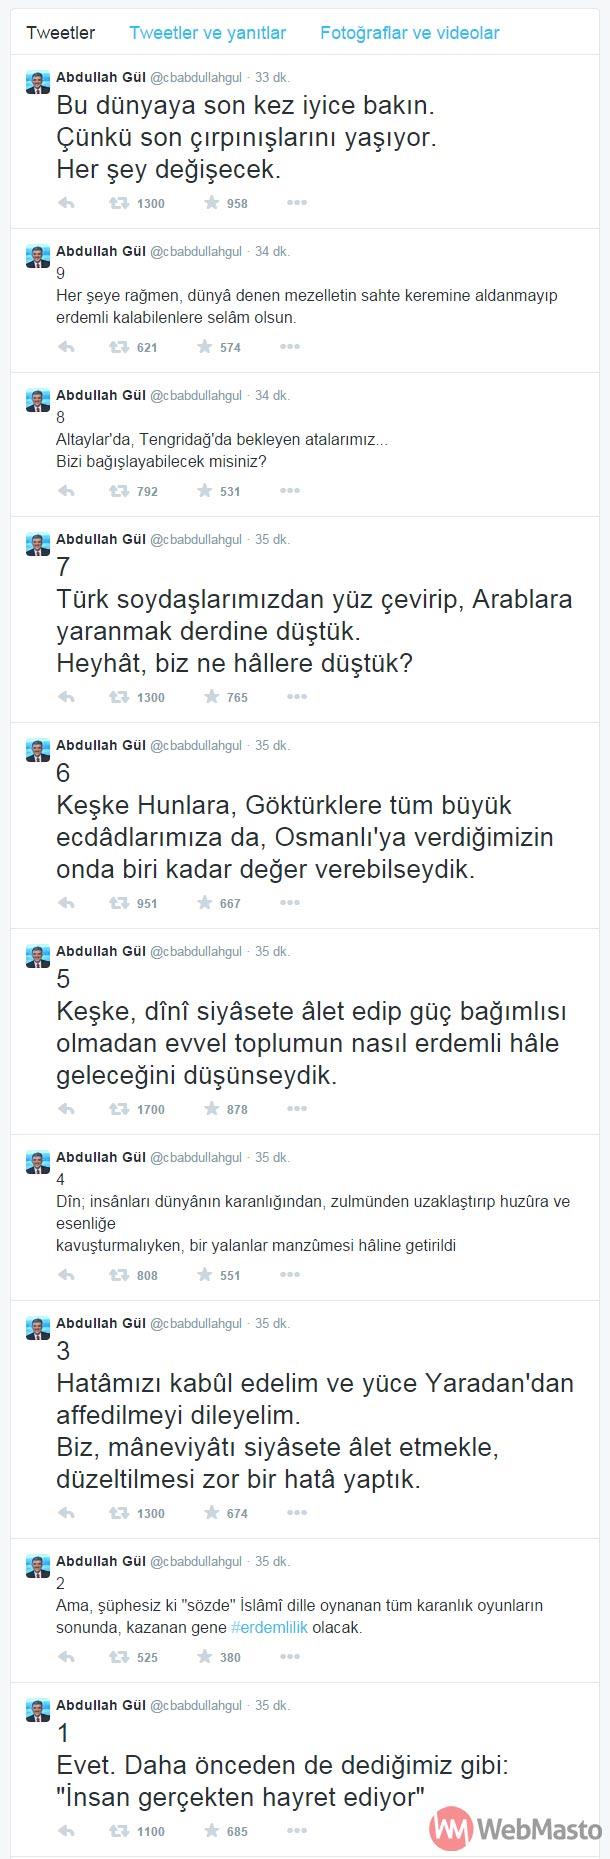 Abdullah Gül Twitter hesabı